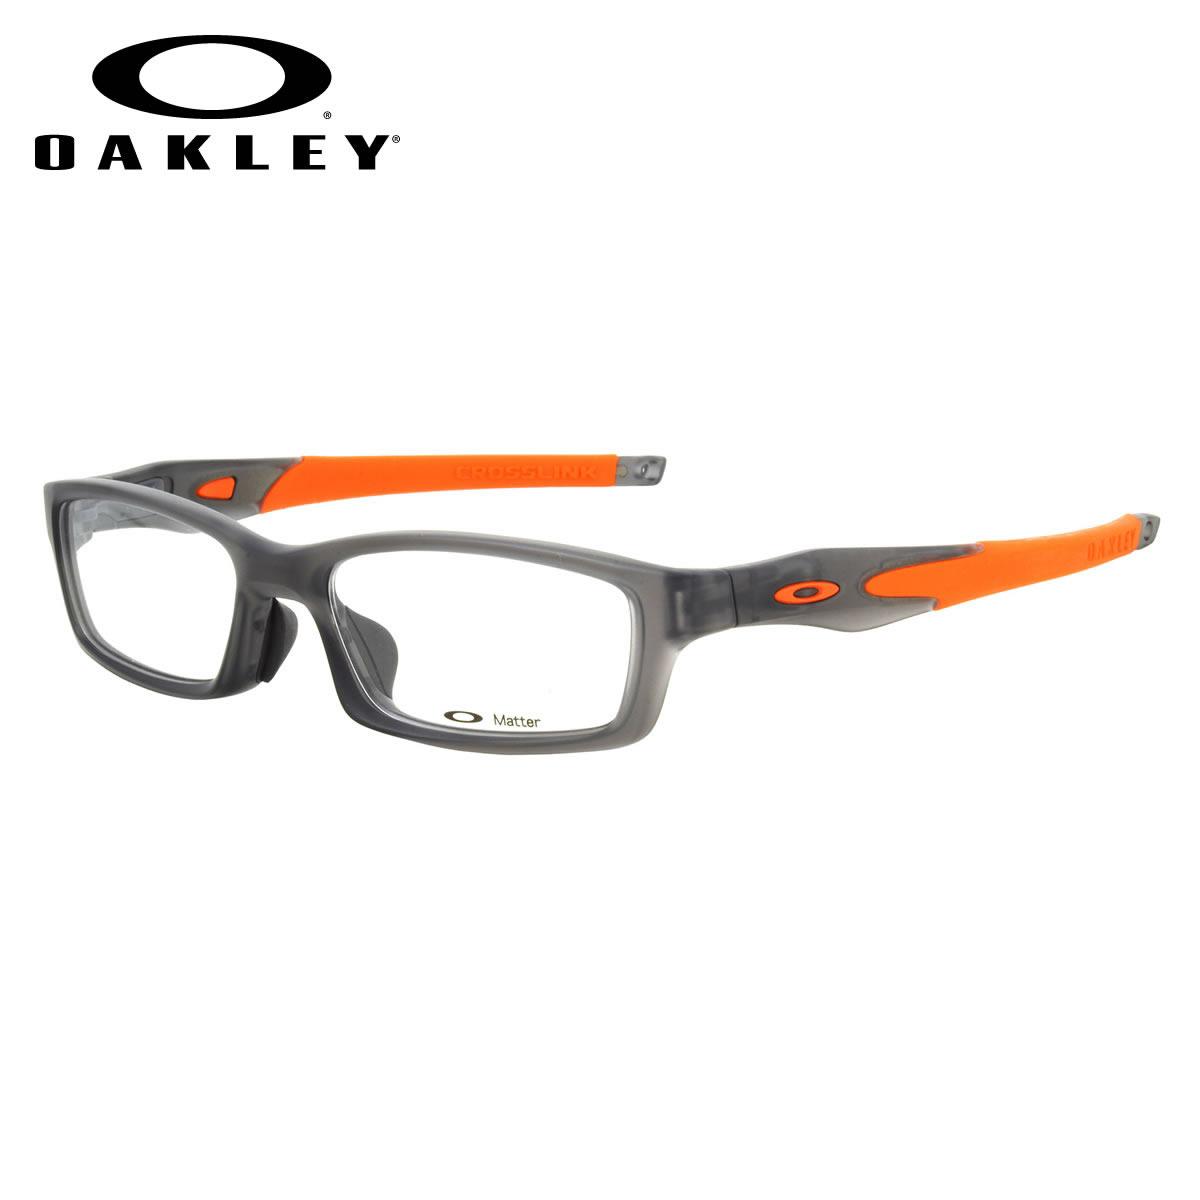 ec754f7d03 (OAKLEY) glasses OX8029-1756 CROSSLINK ASIA FIT Satin Grey Smoke Team  Orange cross-linked Asian fit sports square OAKLEY ITA eyeglass lens free  men women